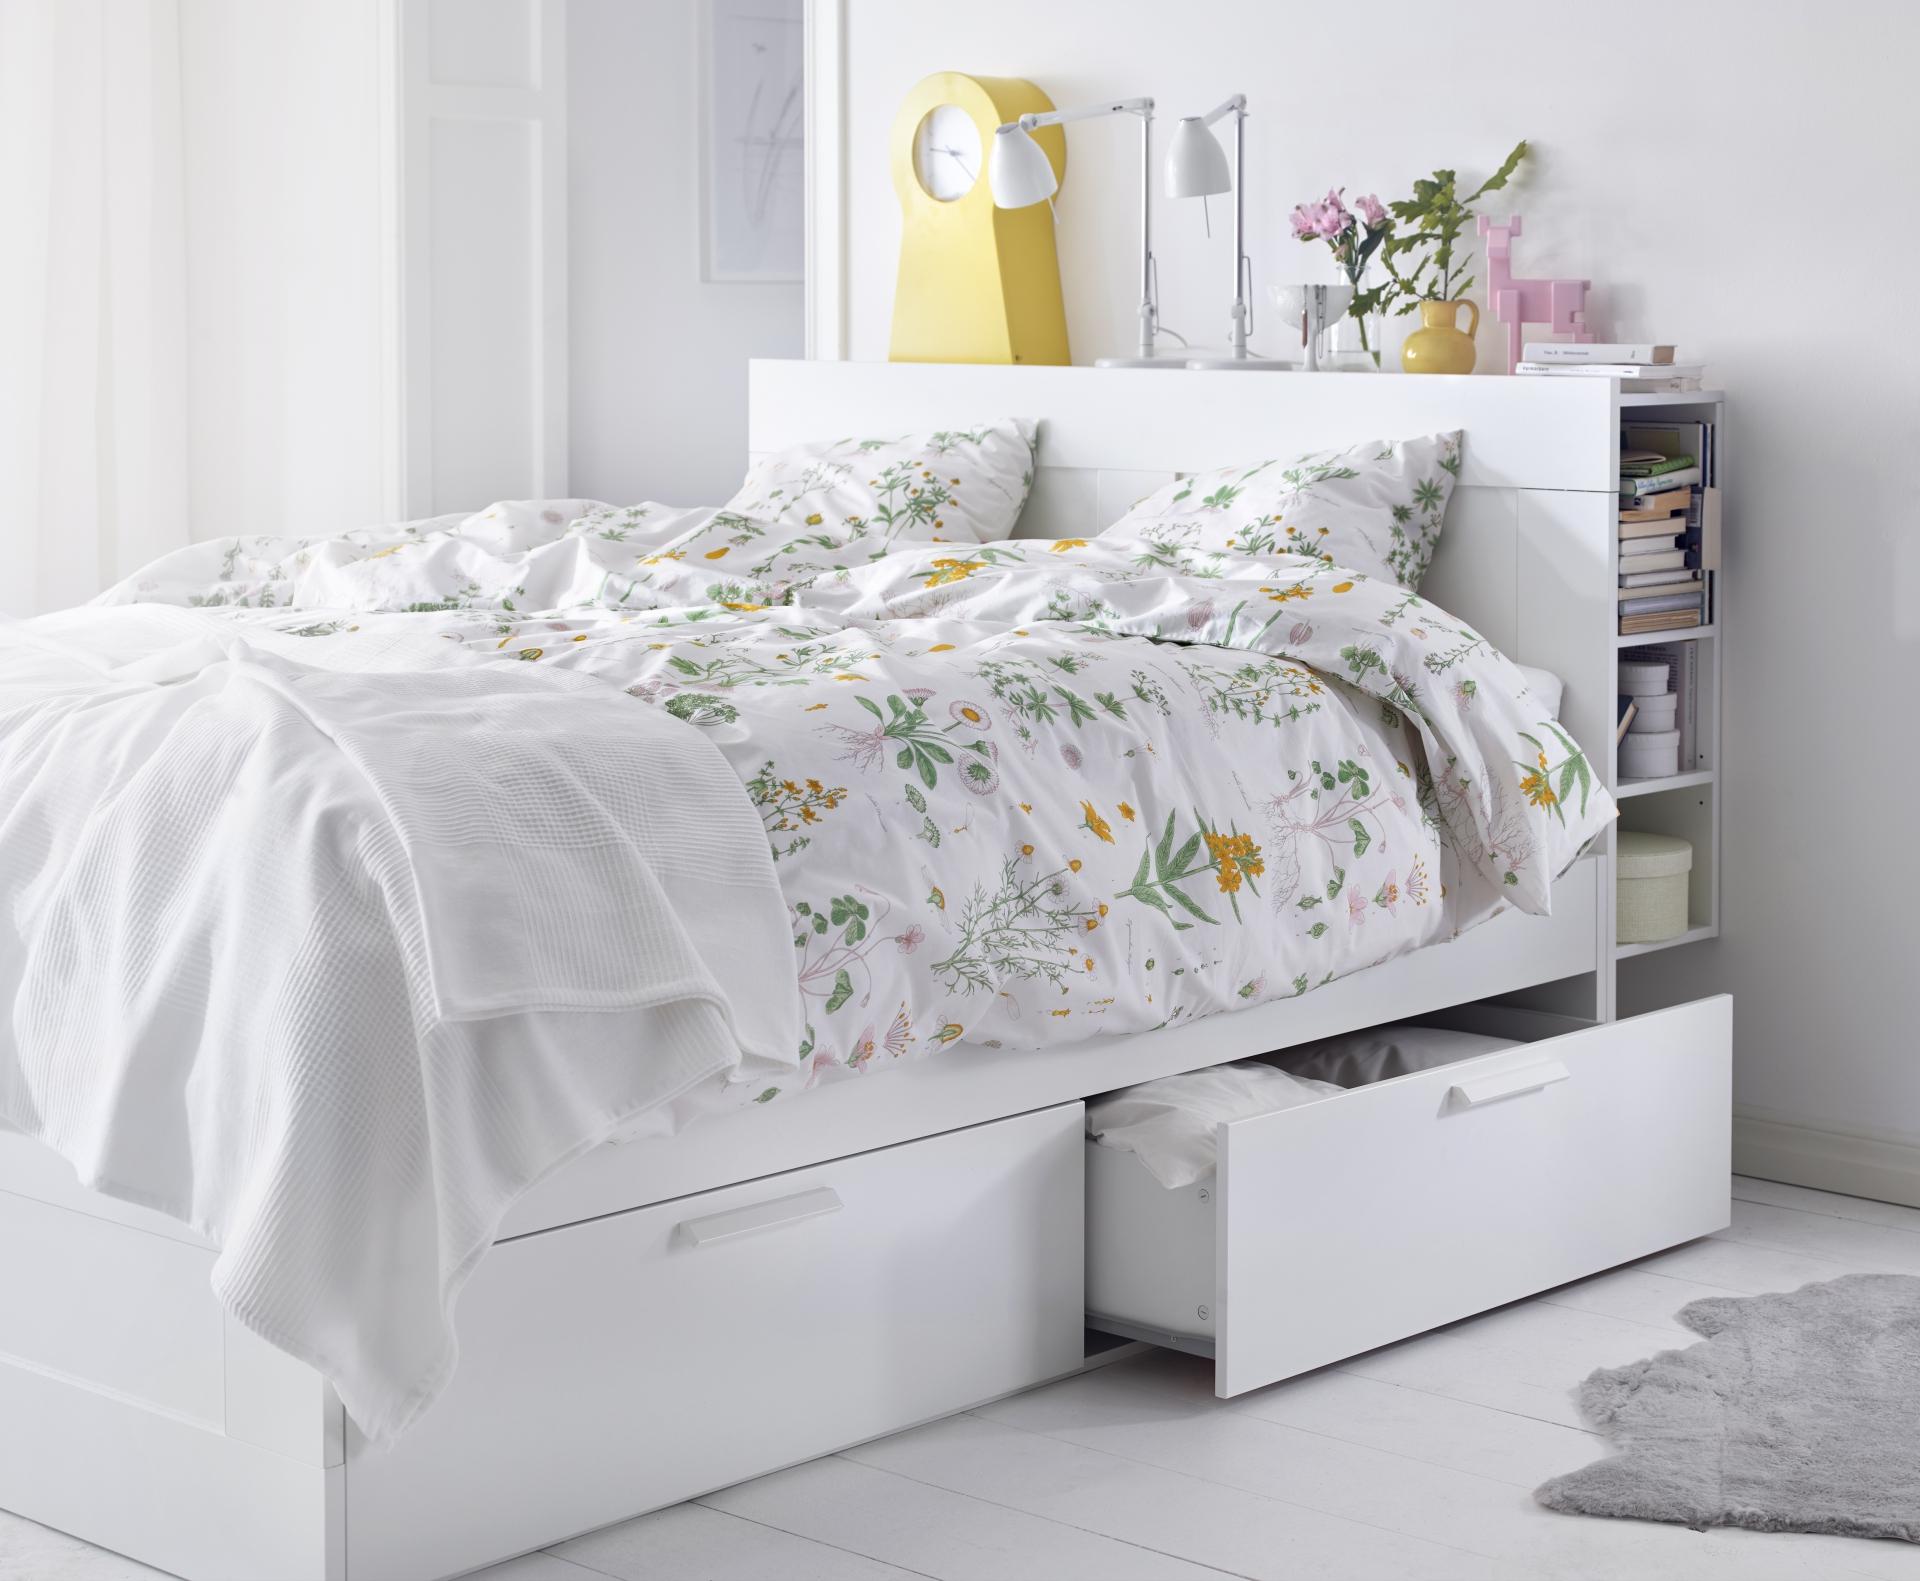 Soluciones para decorar y organizar un dormitorio peque o for Cama nido con cajones ikea